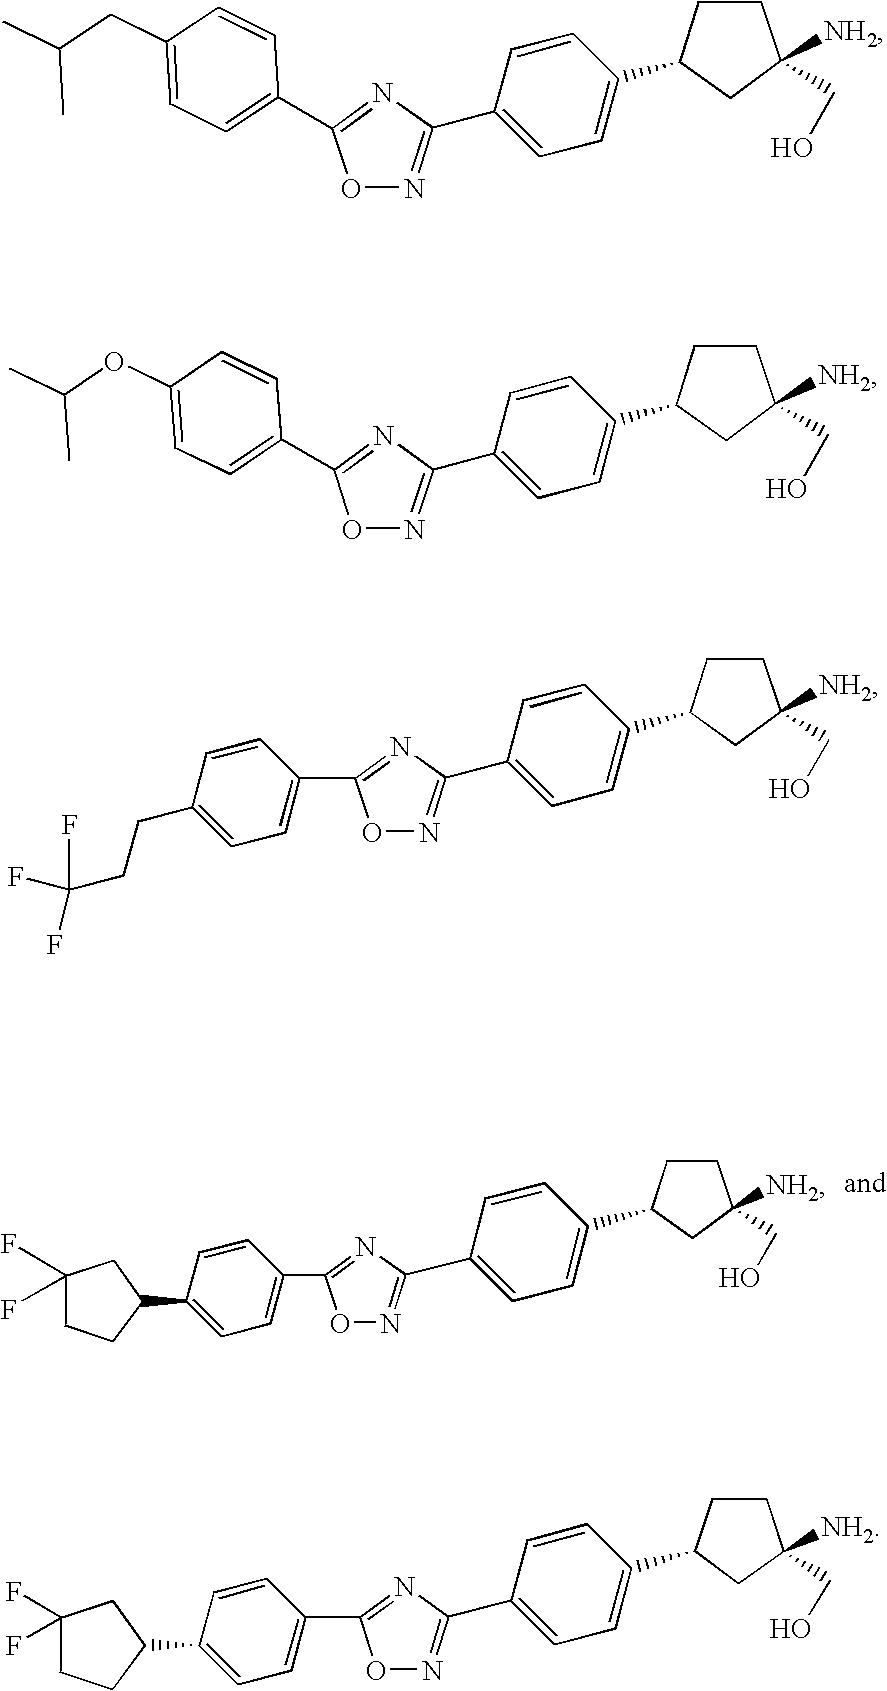 Figure US20090105315A1-20090423-C00013